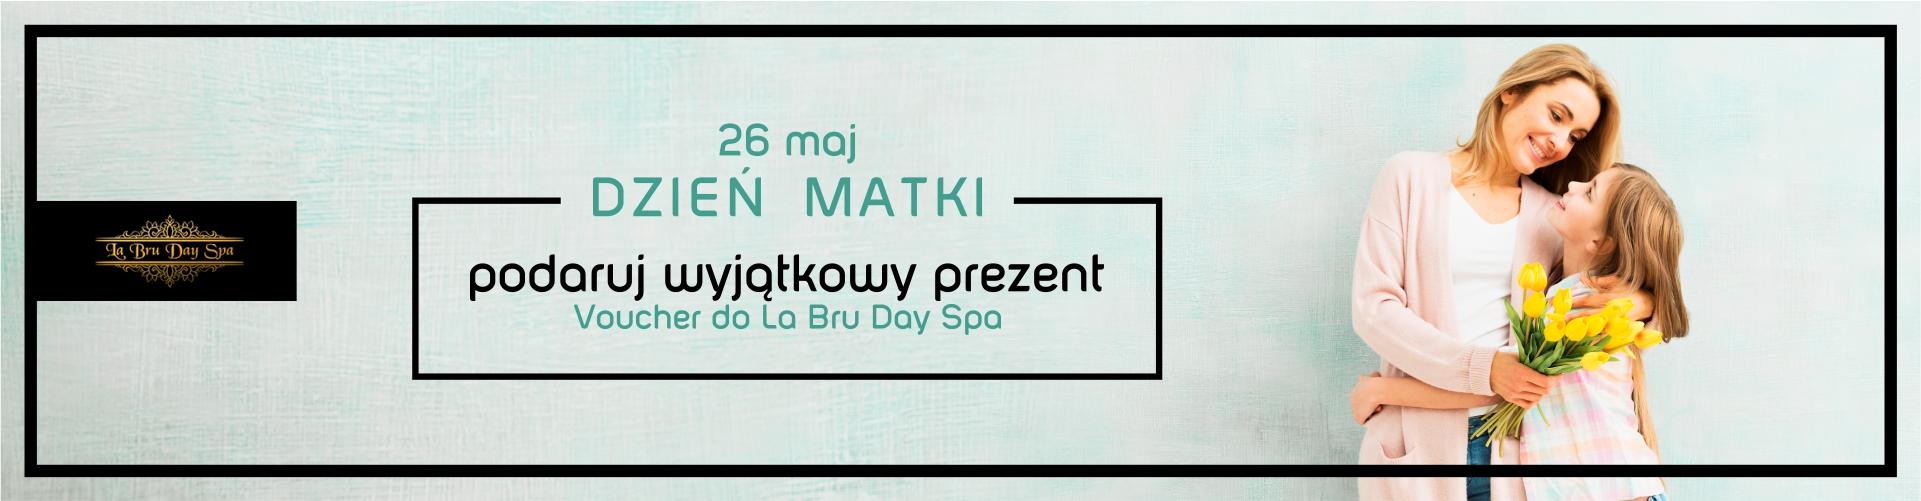 dzien_matki_spa